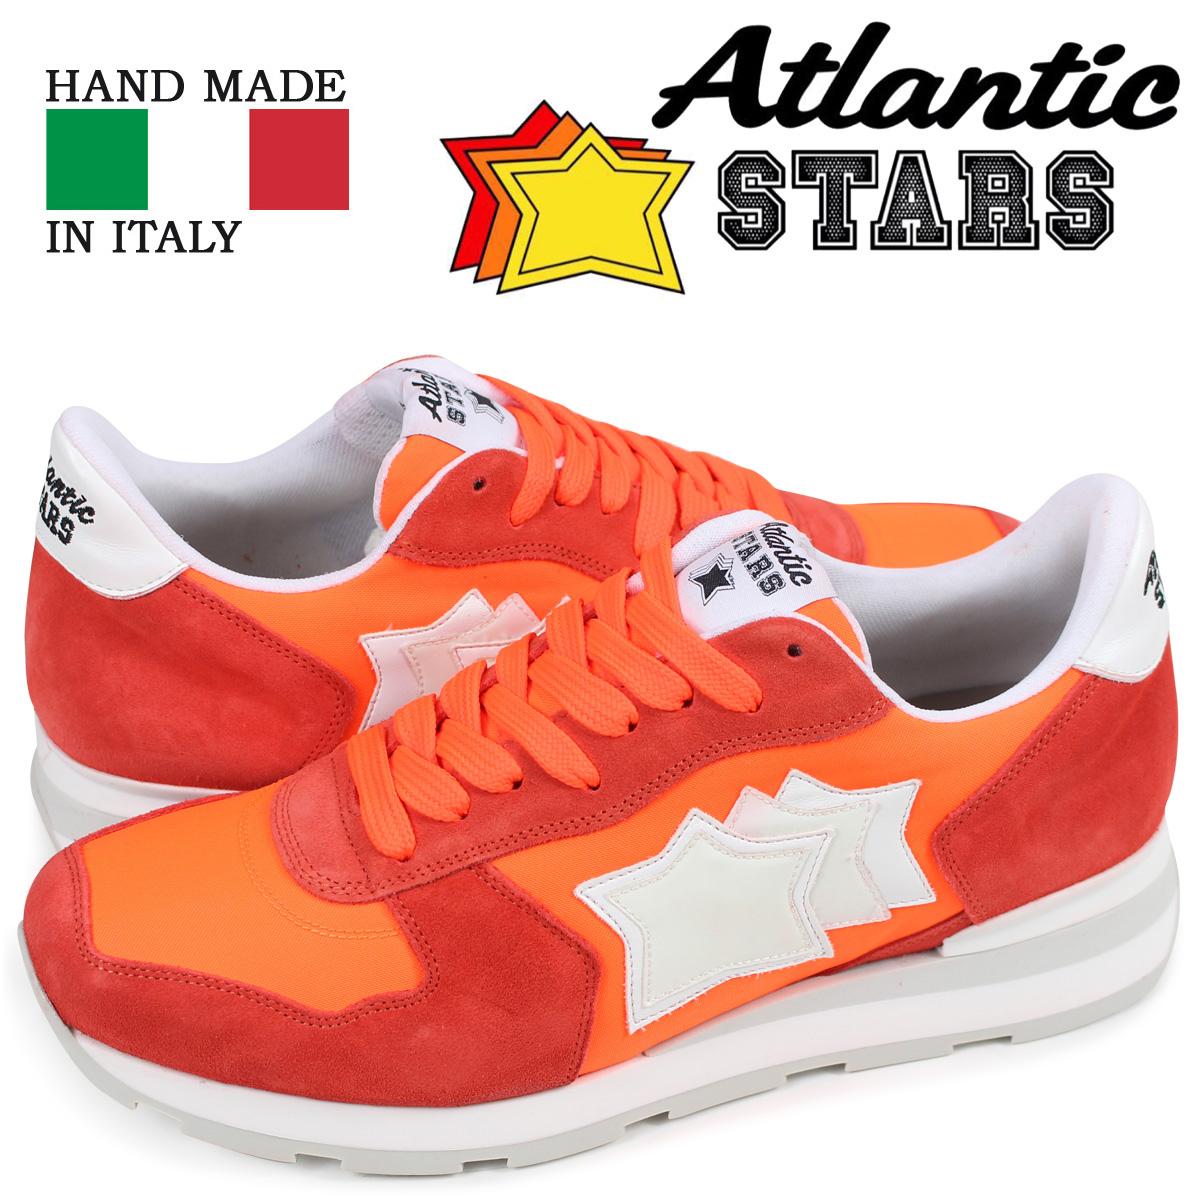 アトランティックスターズ メンズ スニーカー Atlantic STARS アンタレス ANTARES SRF-86B オレンジ